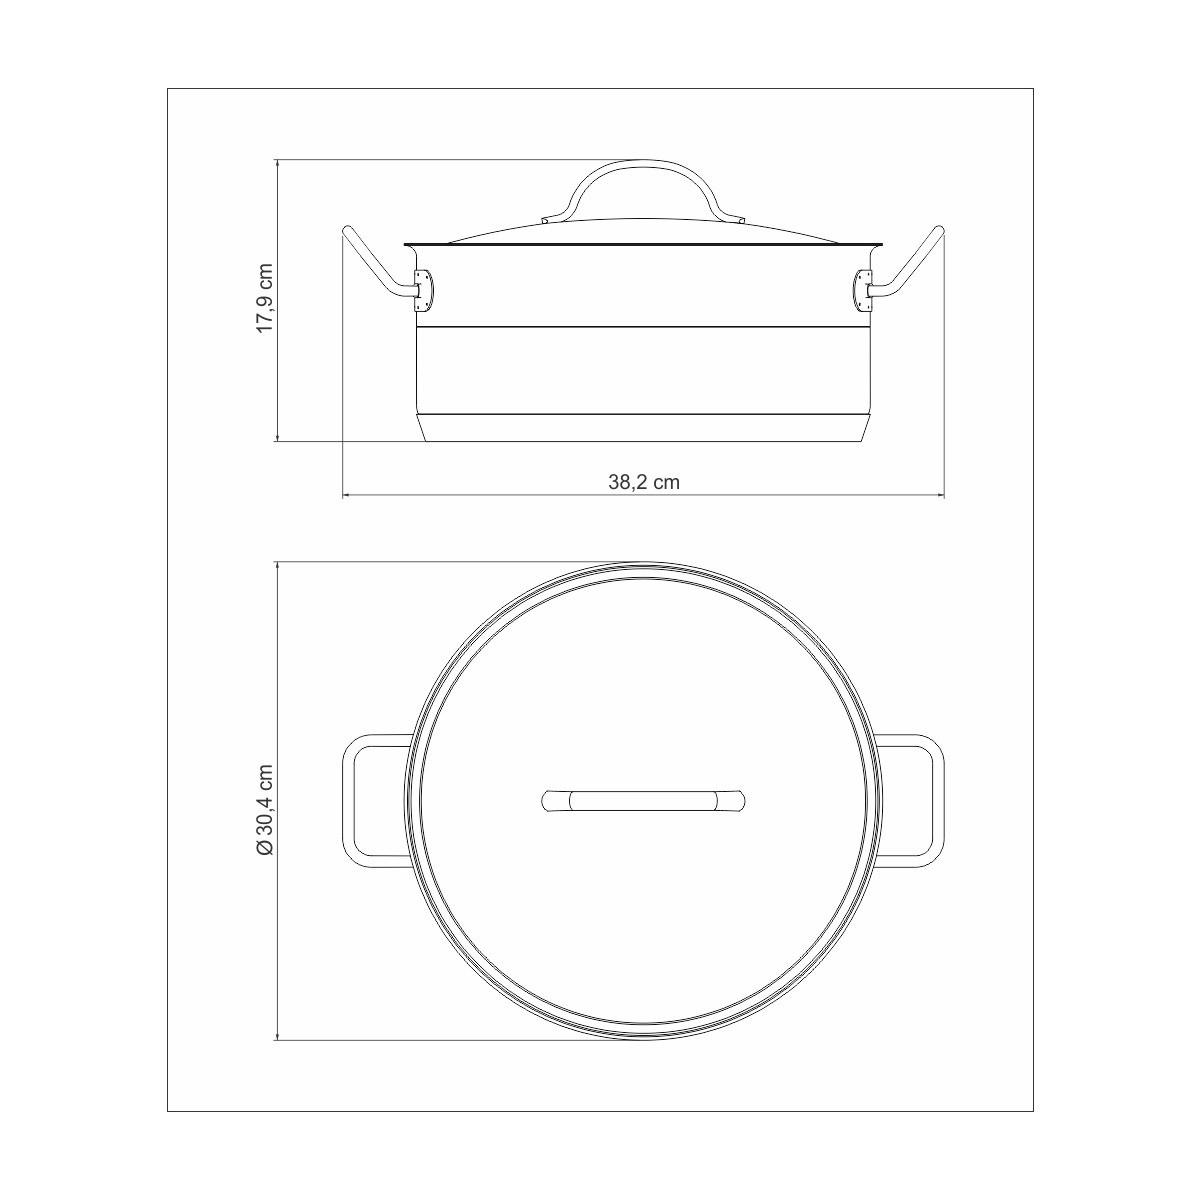 Caçarola Rasa Aço Inox Professional 28cm  - Sua Casa Gourmet e Cia